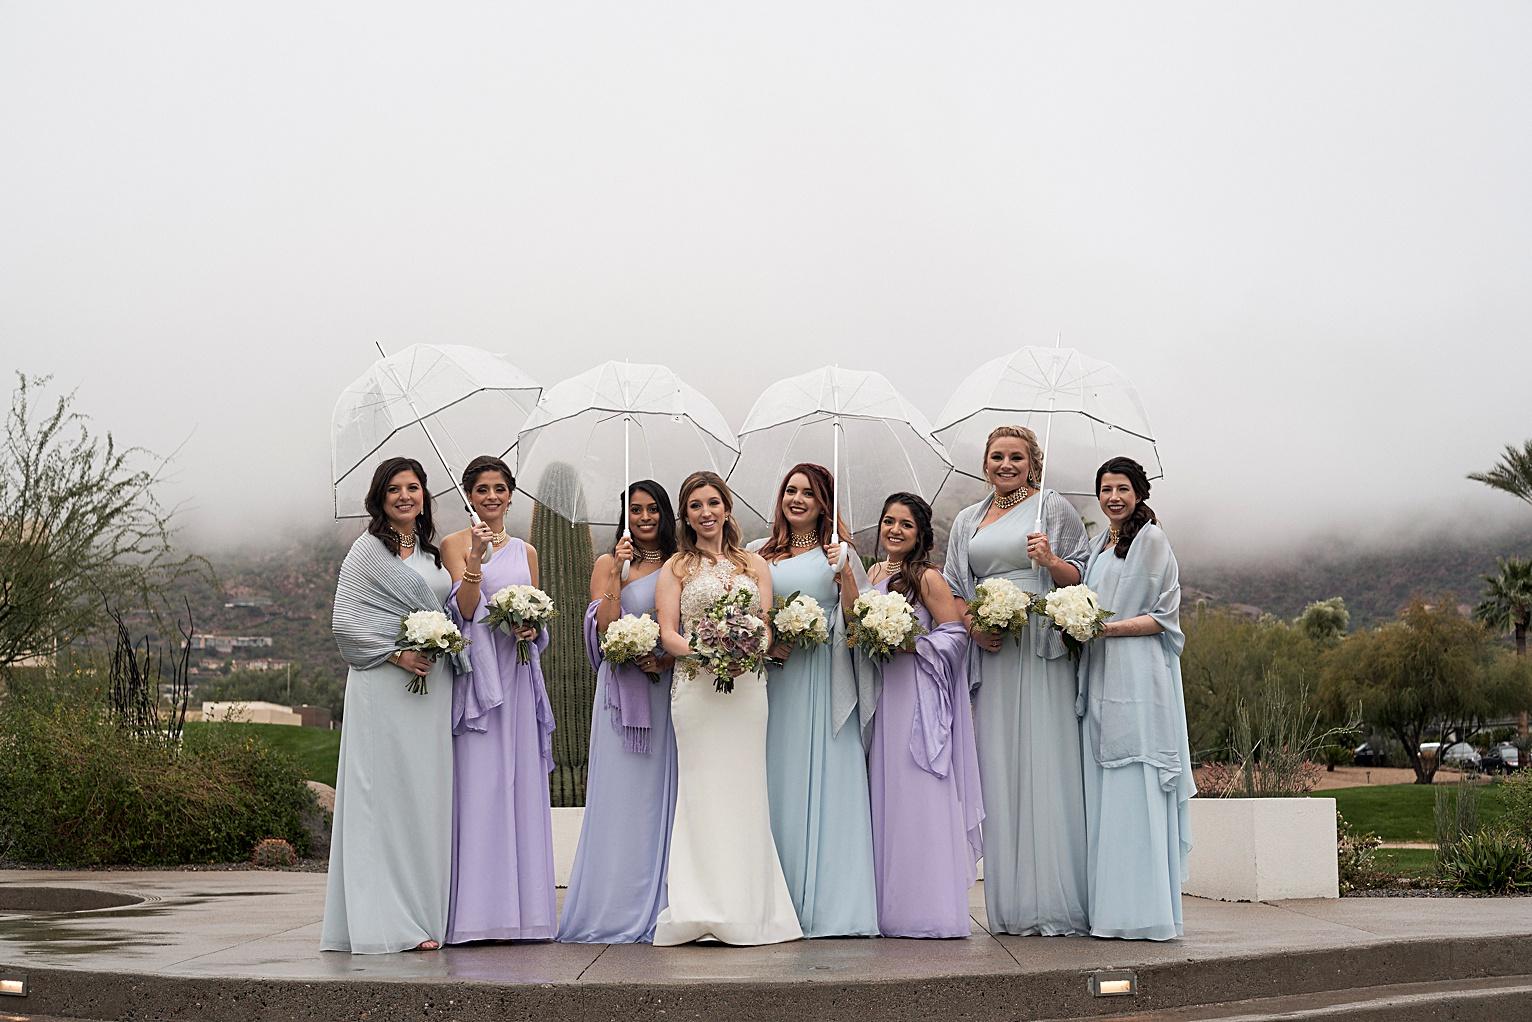 bridesmaids wedding party photos camelback mountain